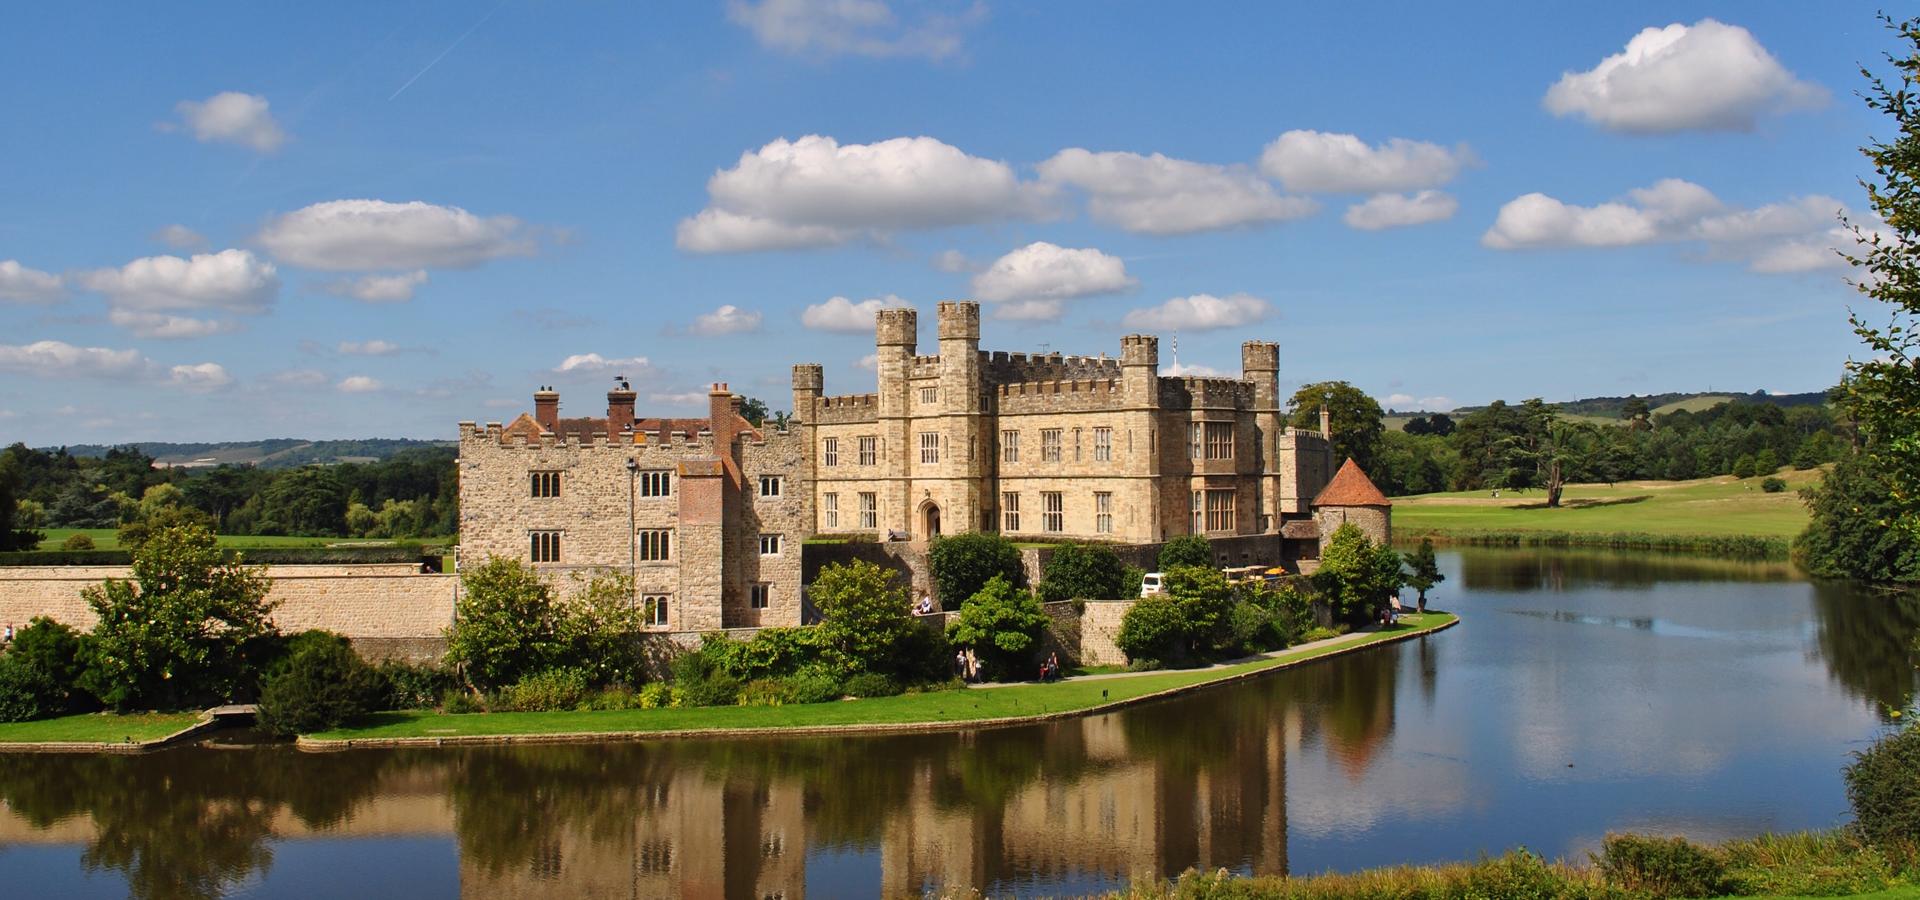 Peer-to-peer advisory in Leeds Castle, Kent, England, Great Britain